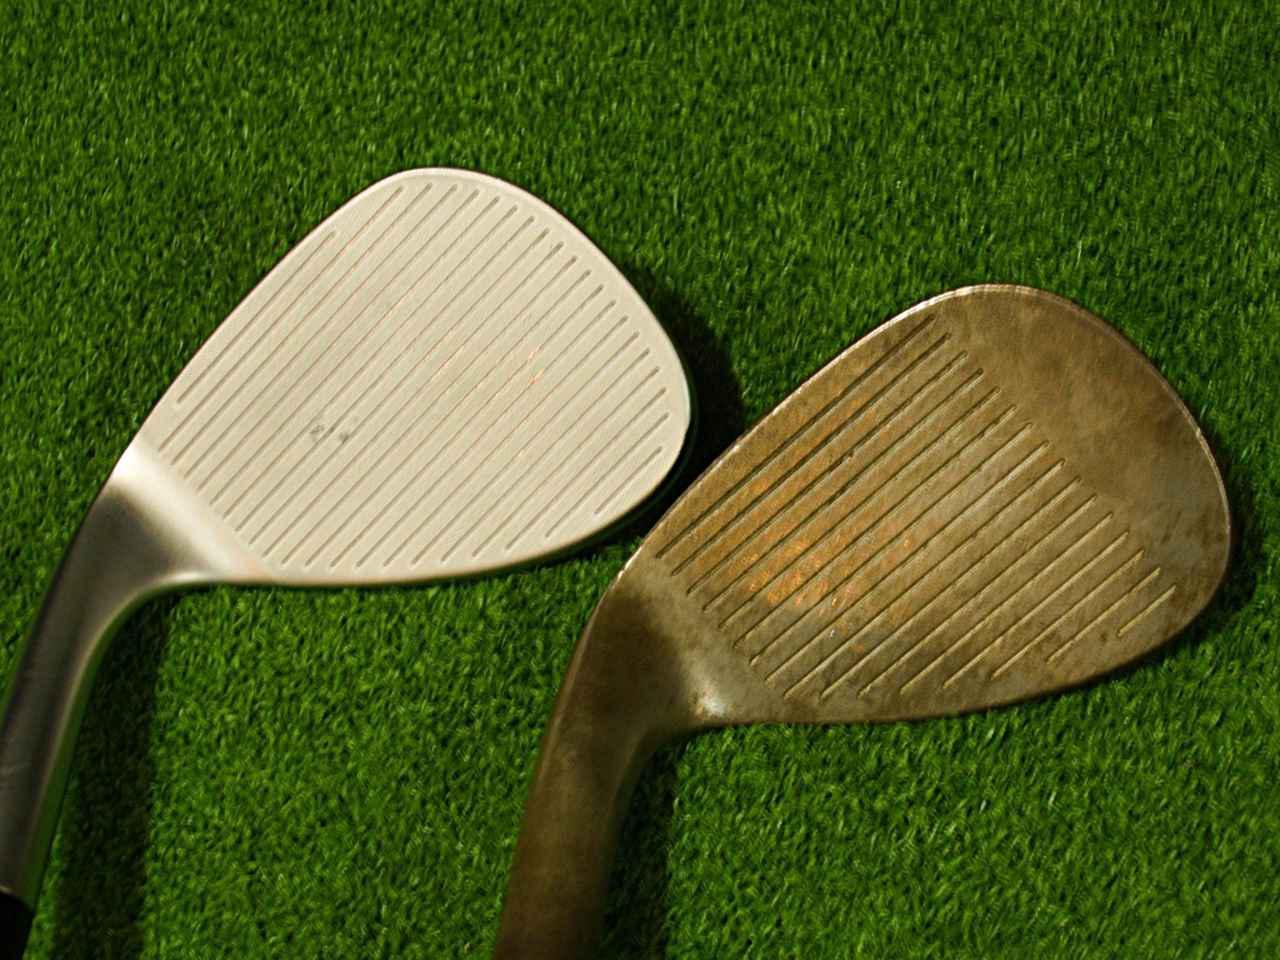 画像: 左が2021年発売のクリーブランド「RTXフルフェース」、右が2002年発売の角溝を採用したフォーティーン「MT-28」